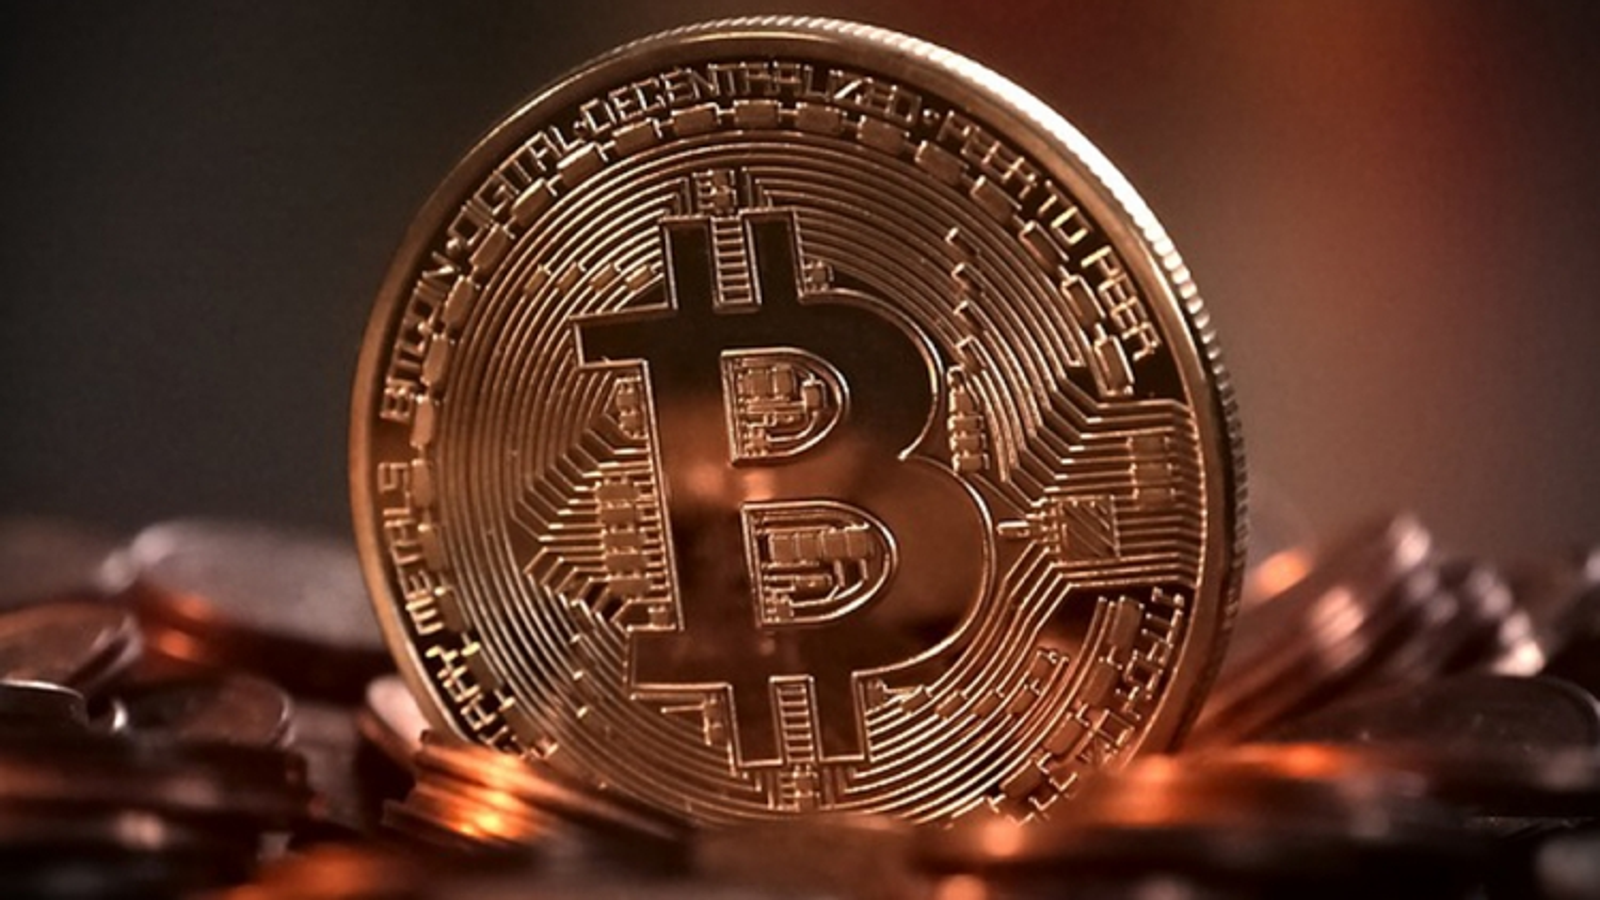 """Dự báo """"sốc"""": Giá Bitcoin sẽ tăng vọt đạt đỉnh 1,2 triệu USD"""